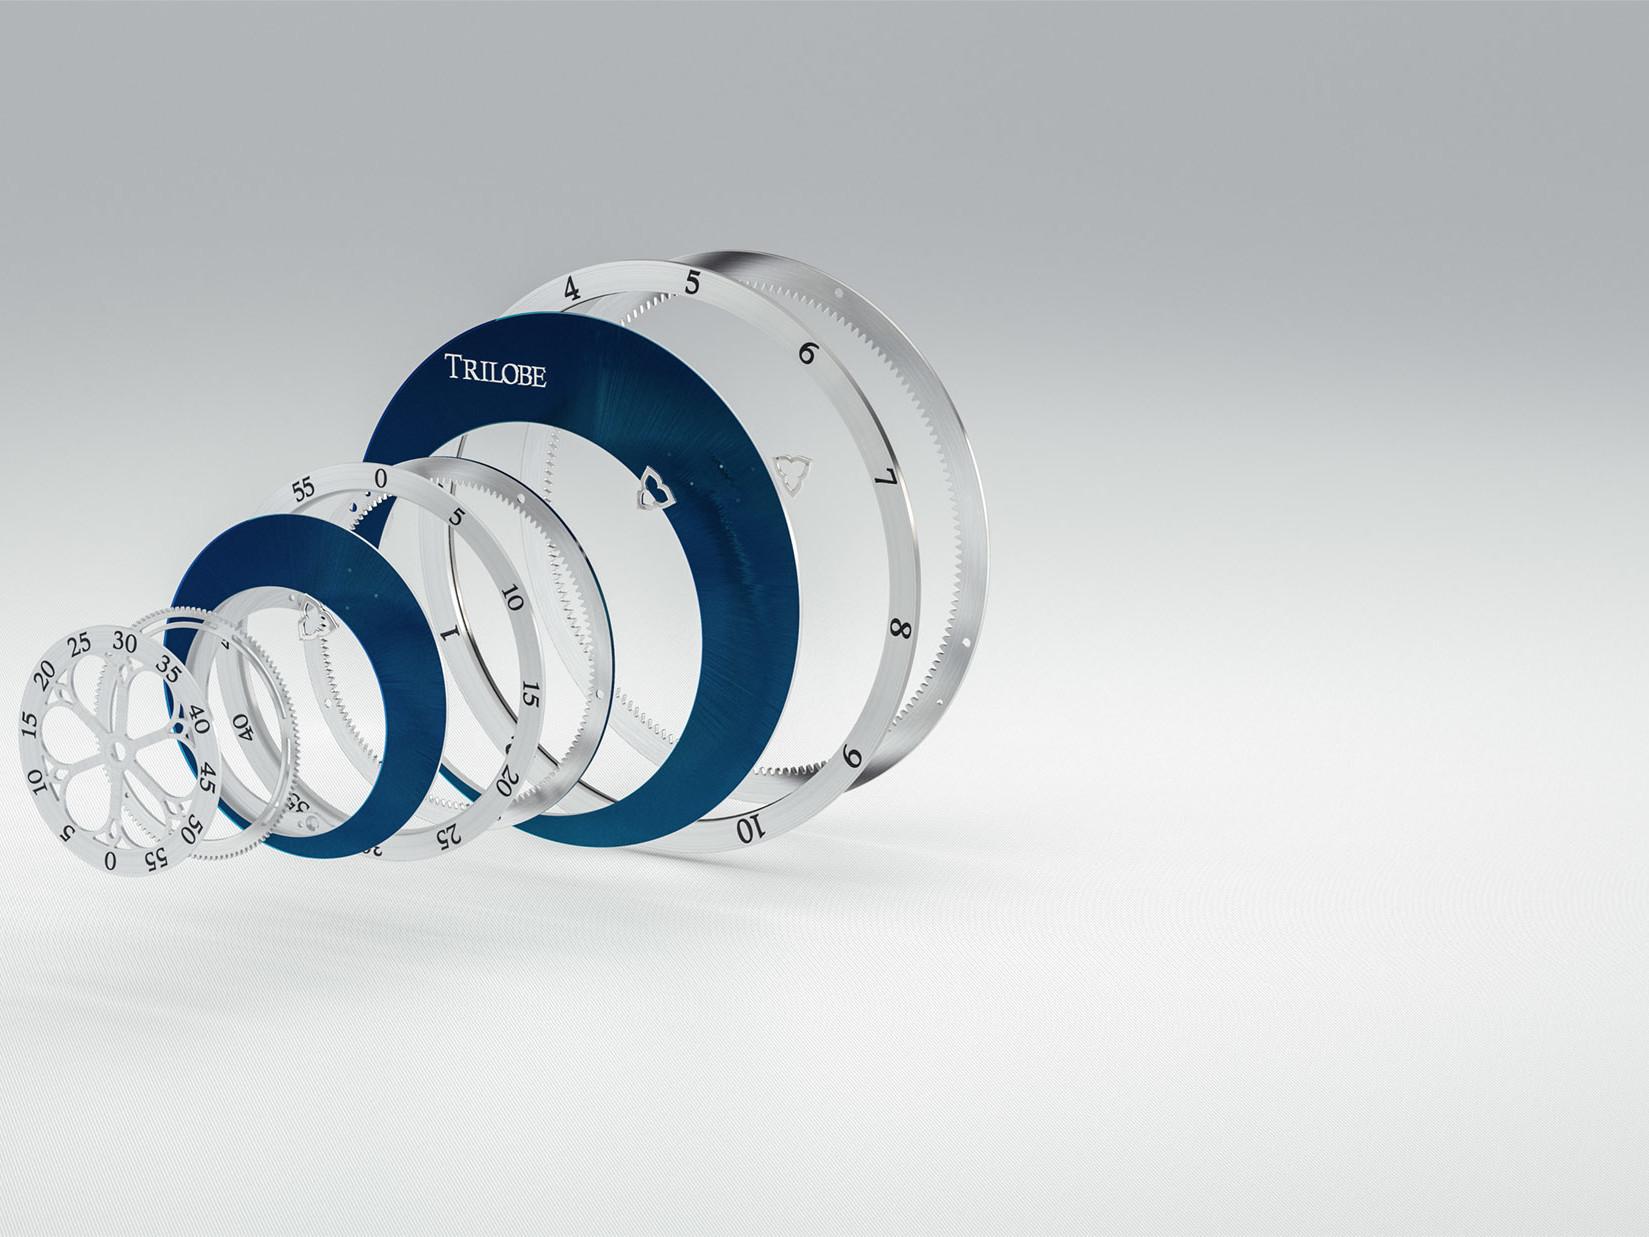 Vue éclatée du cadran d'une montre Trilobe composé de 3 anneaux portant chacun une composante du temps.